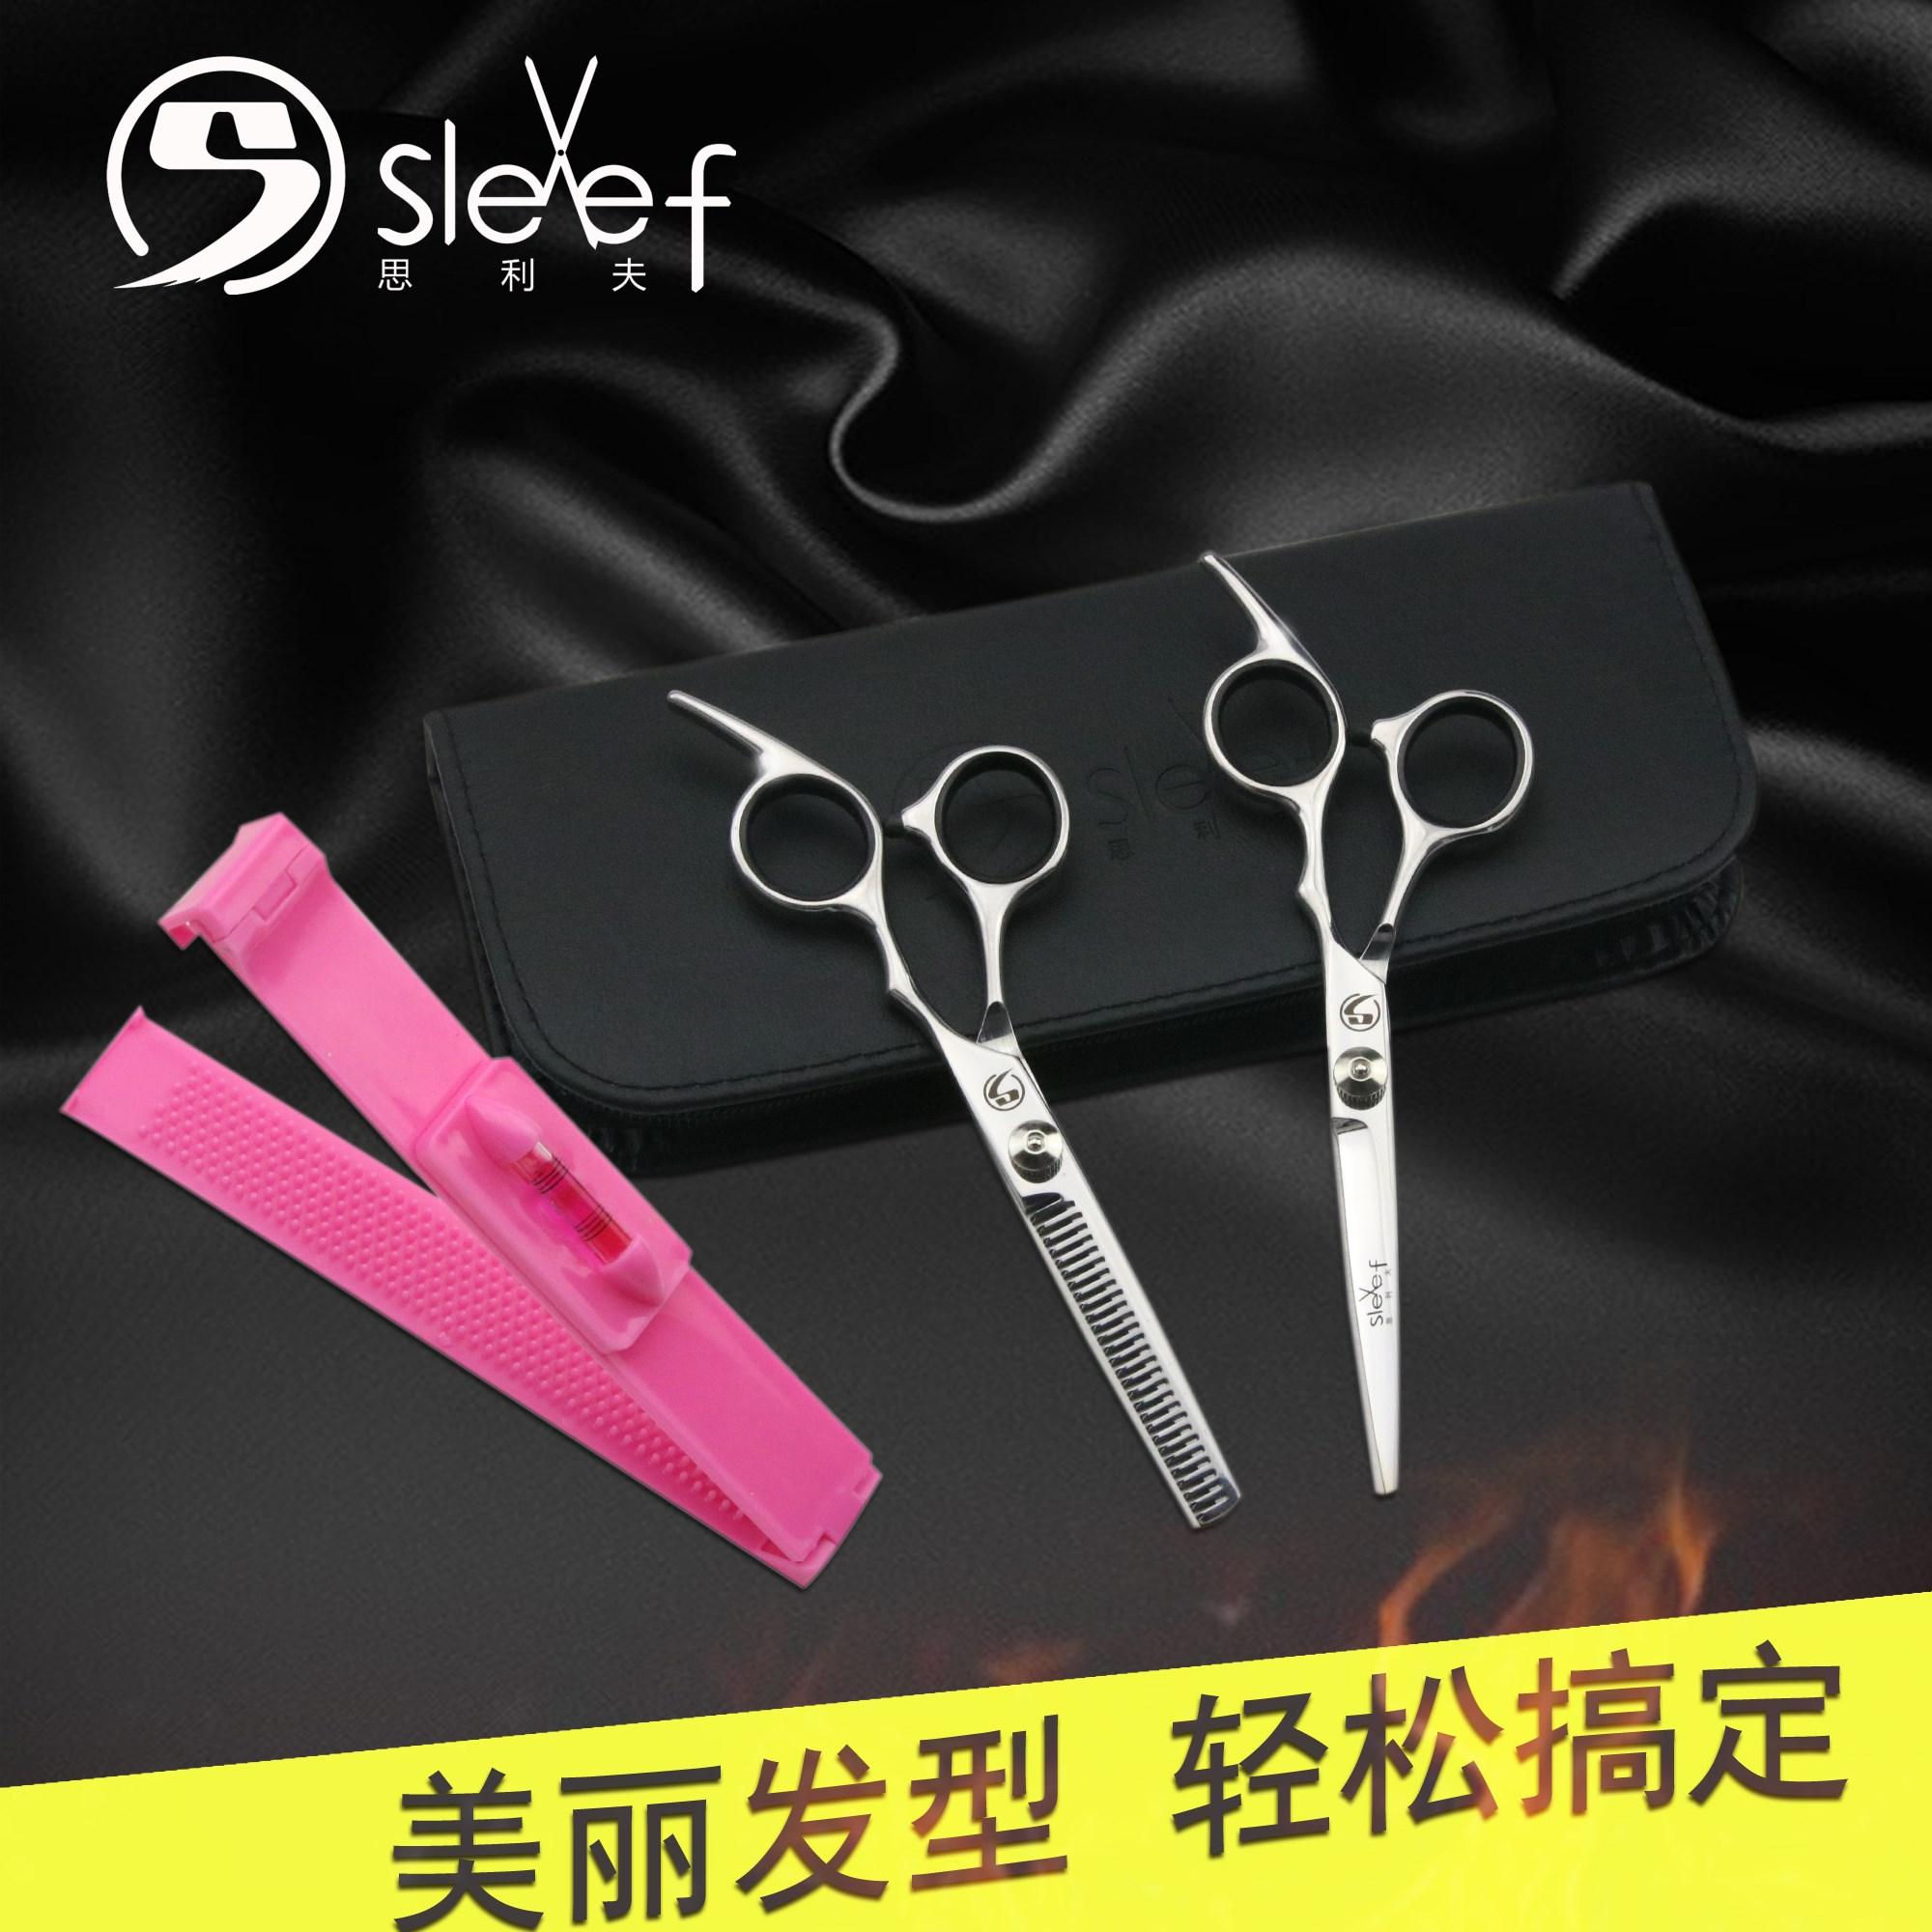 套装理发剪刀平口工具美发剪理发店成人无痕全套左手理发师齐刘海